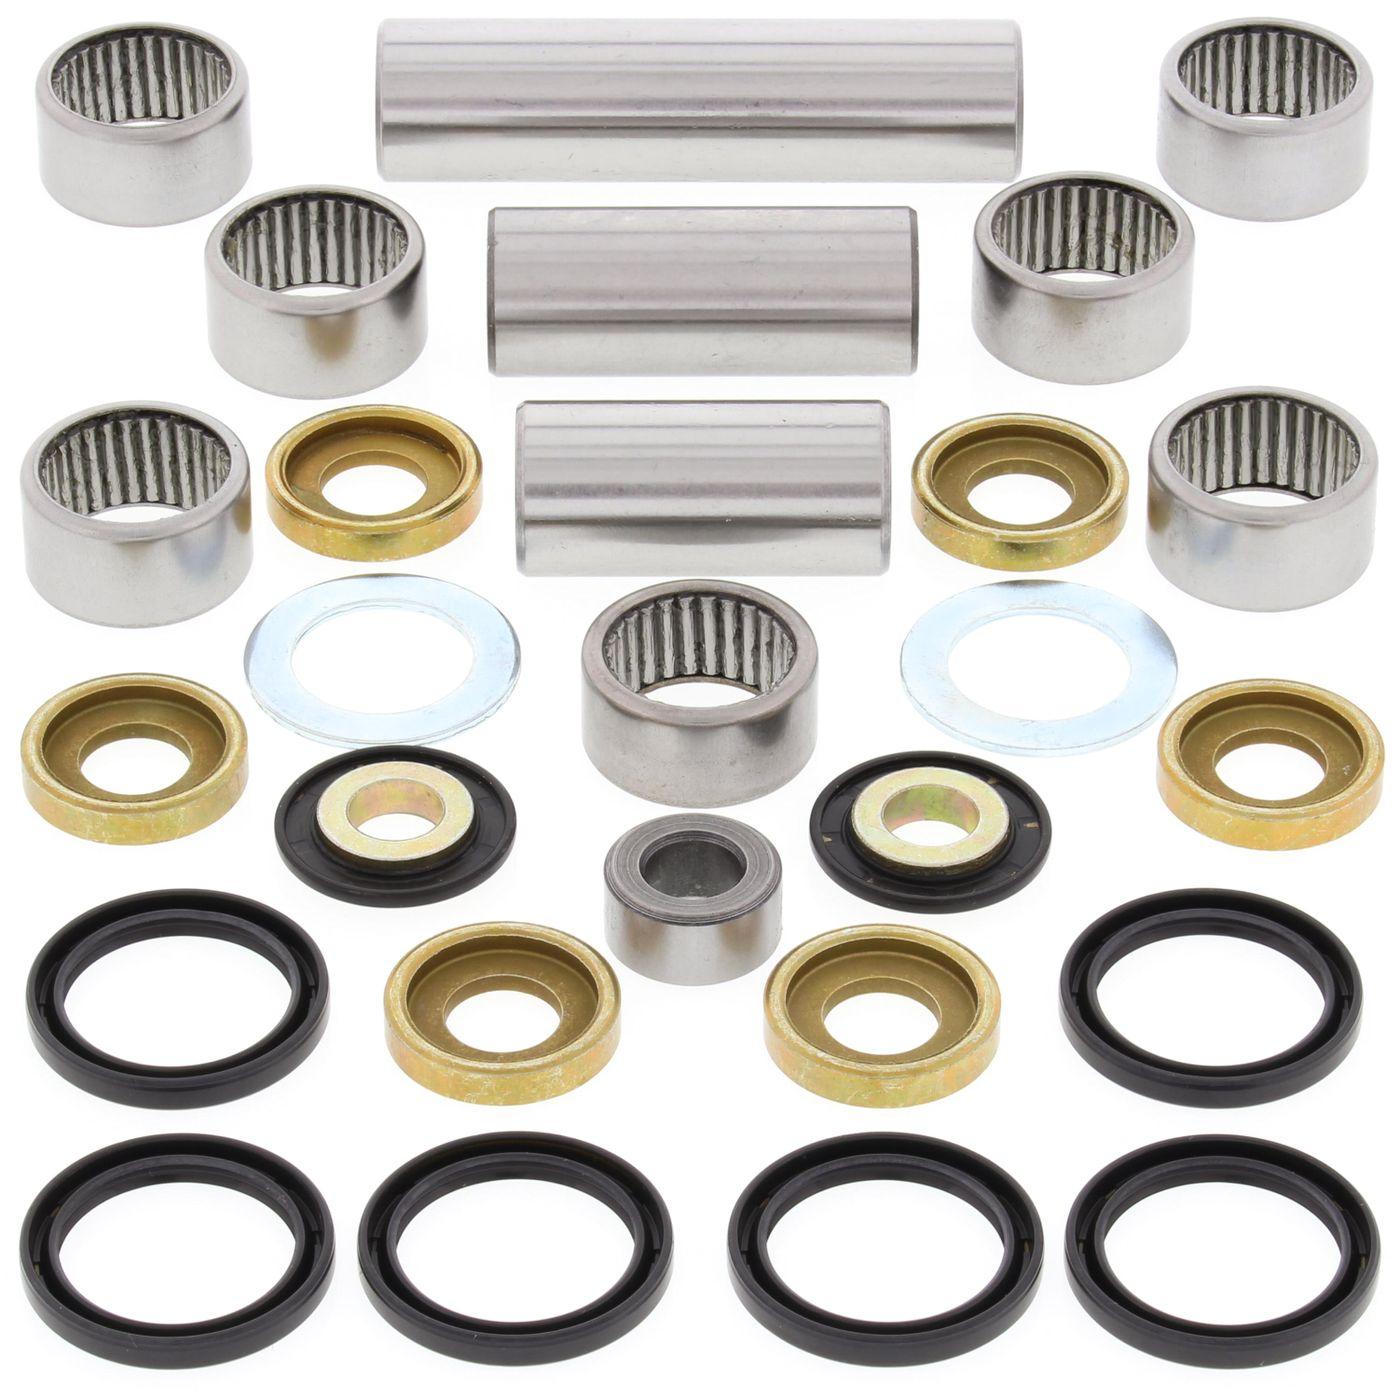 wrp shock linkage bearing kits - WRP271003 image